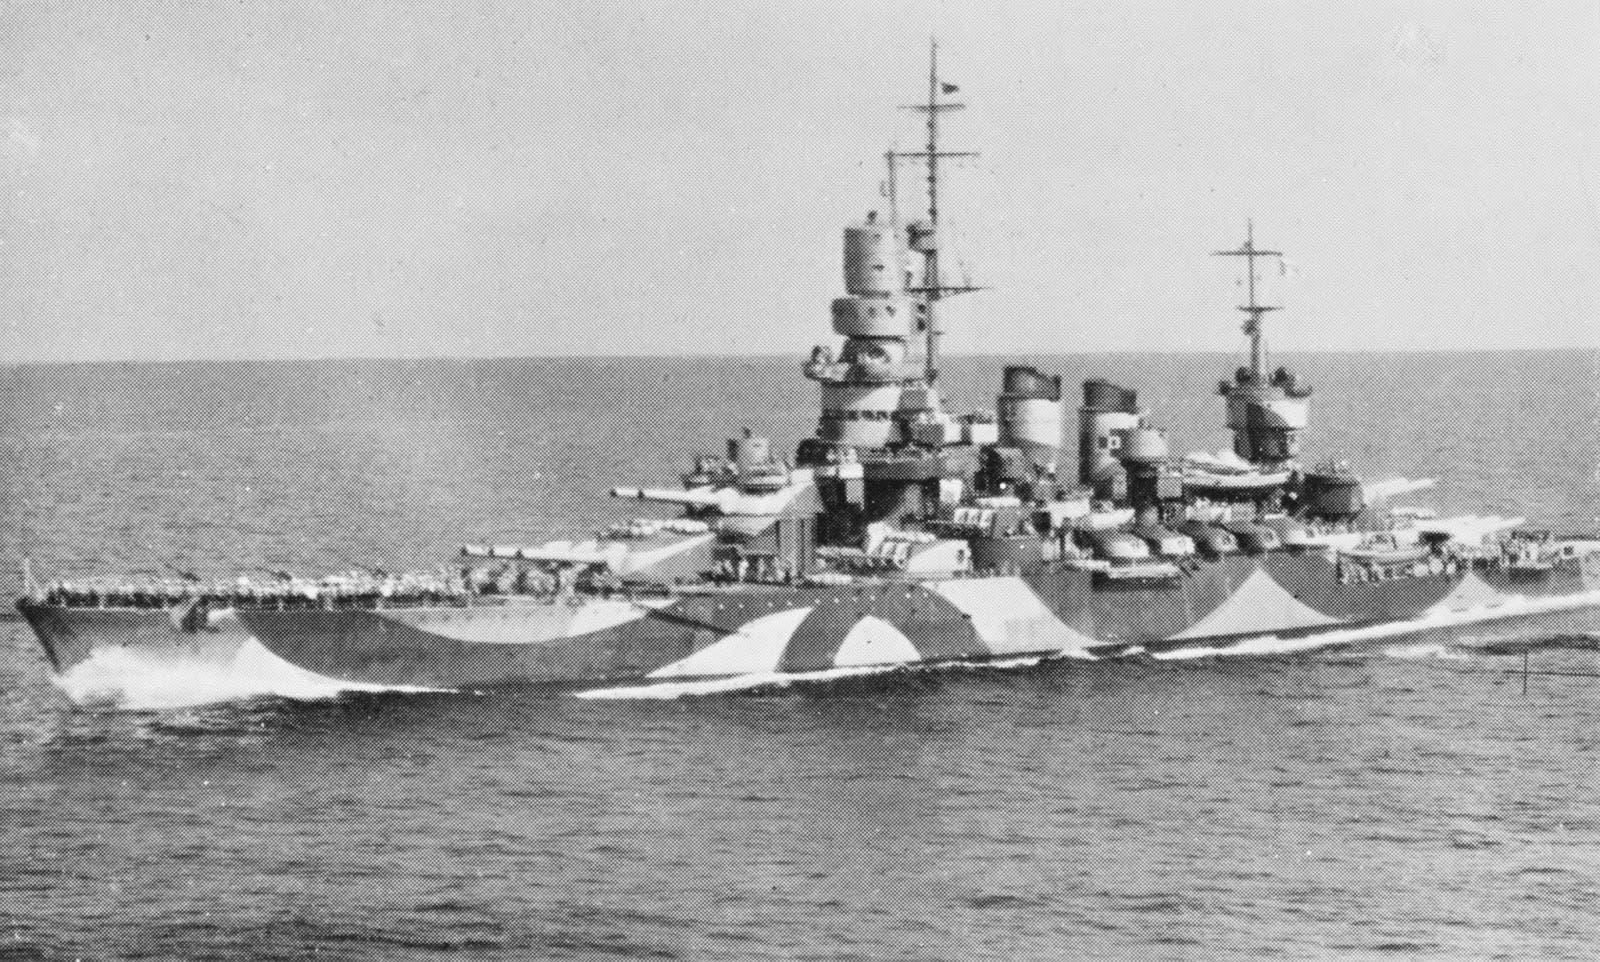 صورة للبارجة الحربية الإيطالية أندريا دوريا